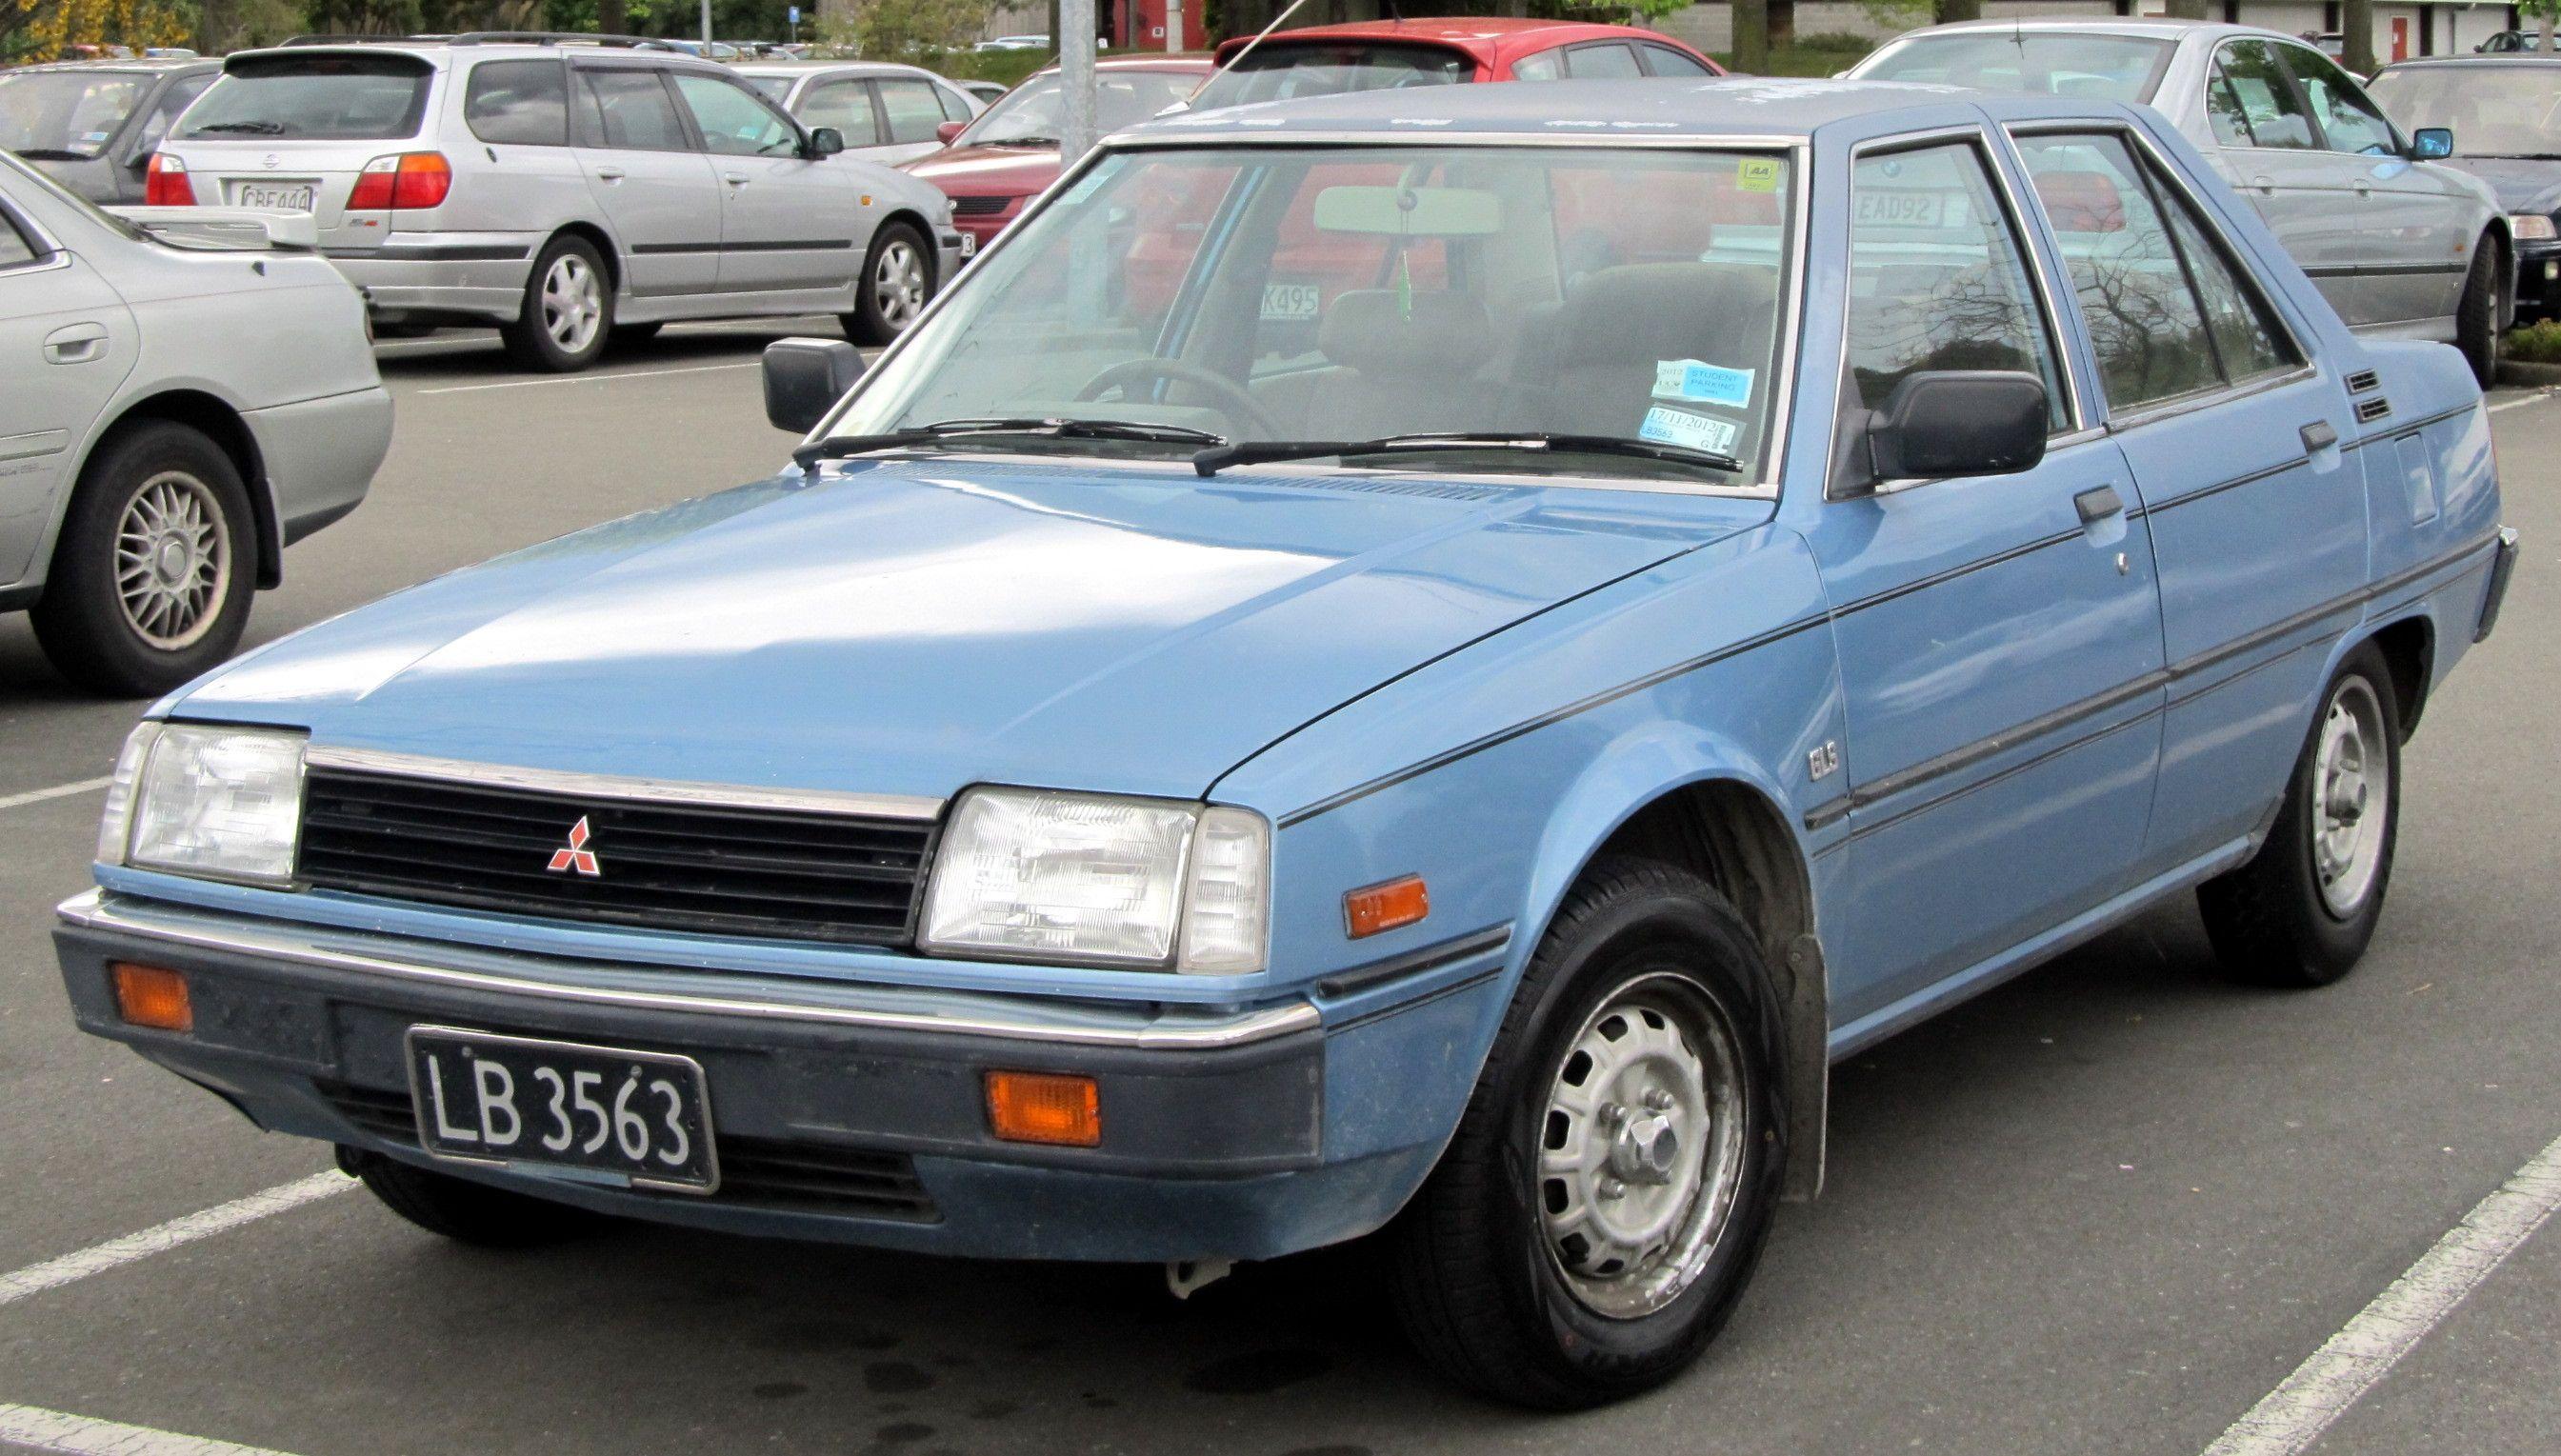 1983 Mitsubishi Tredia 1.6 GLS